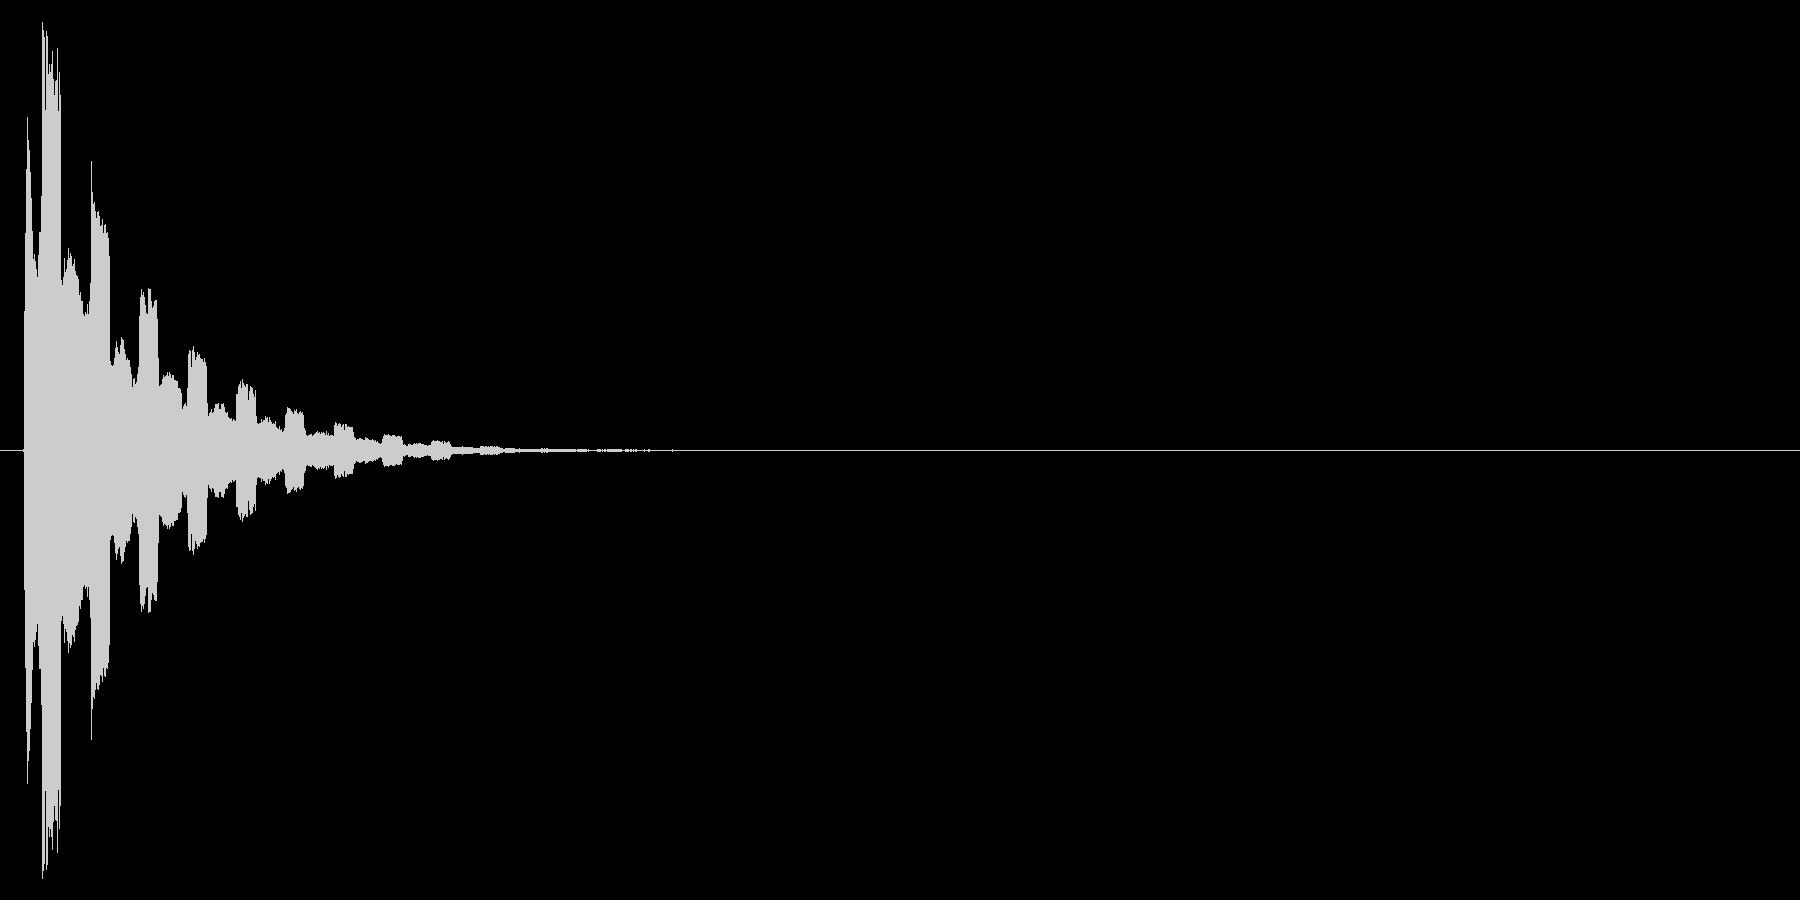 キラーン(キラキラ、低め、アイテム取得)の未再生の波形